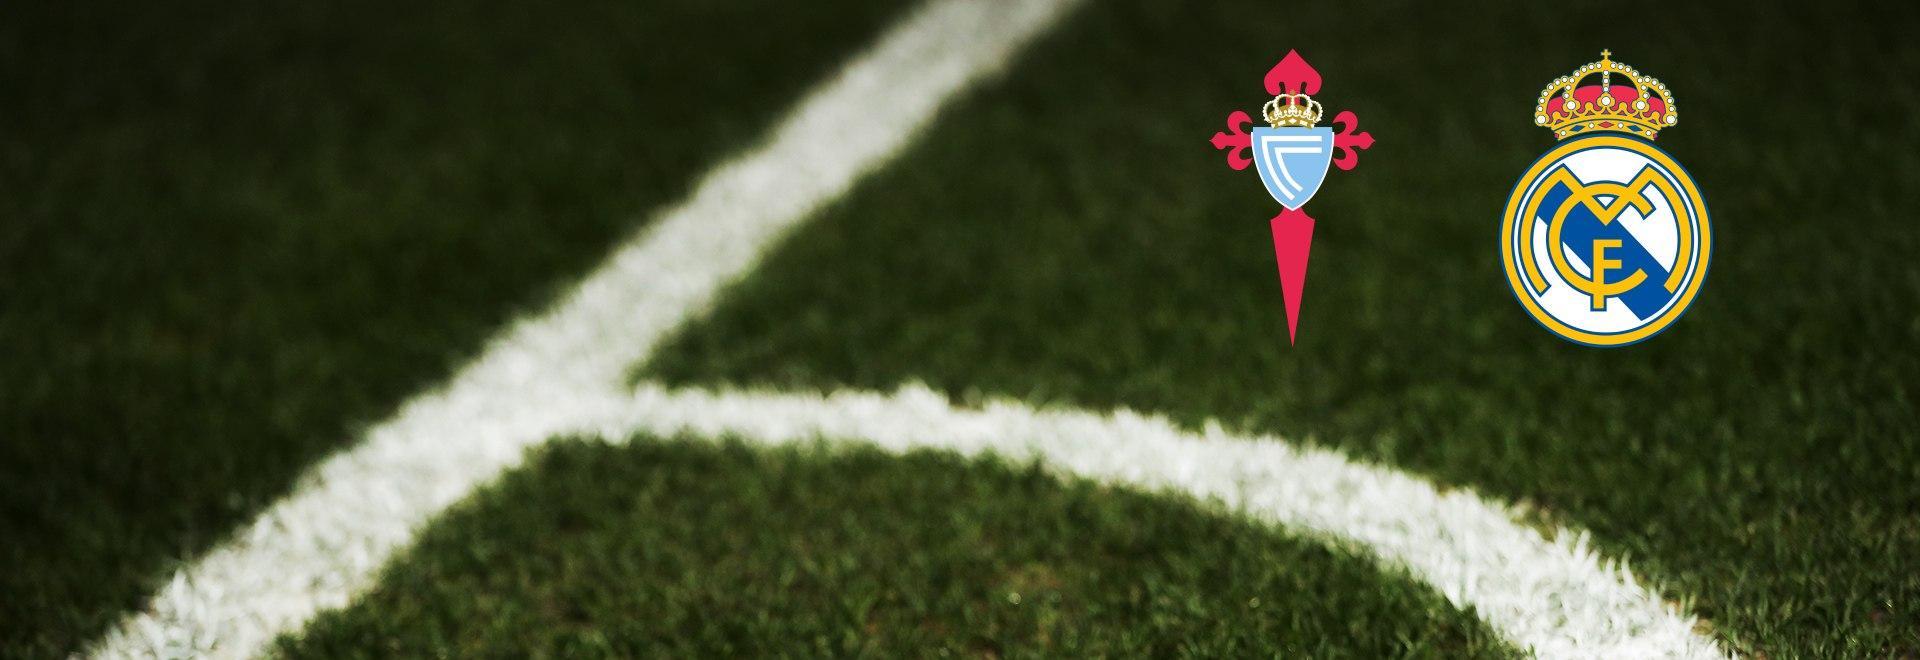 Celta Vigo - Real Madrid. 28a g.